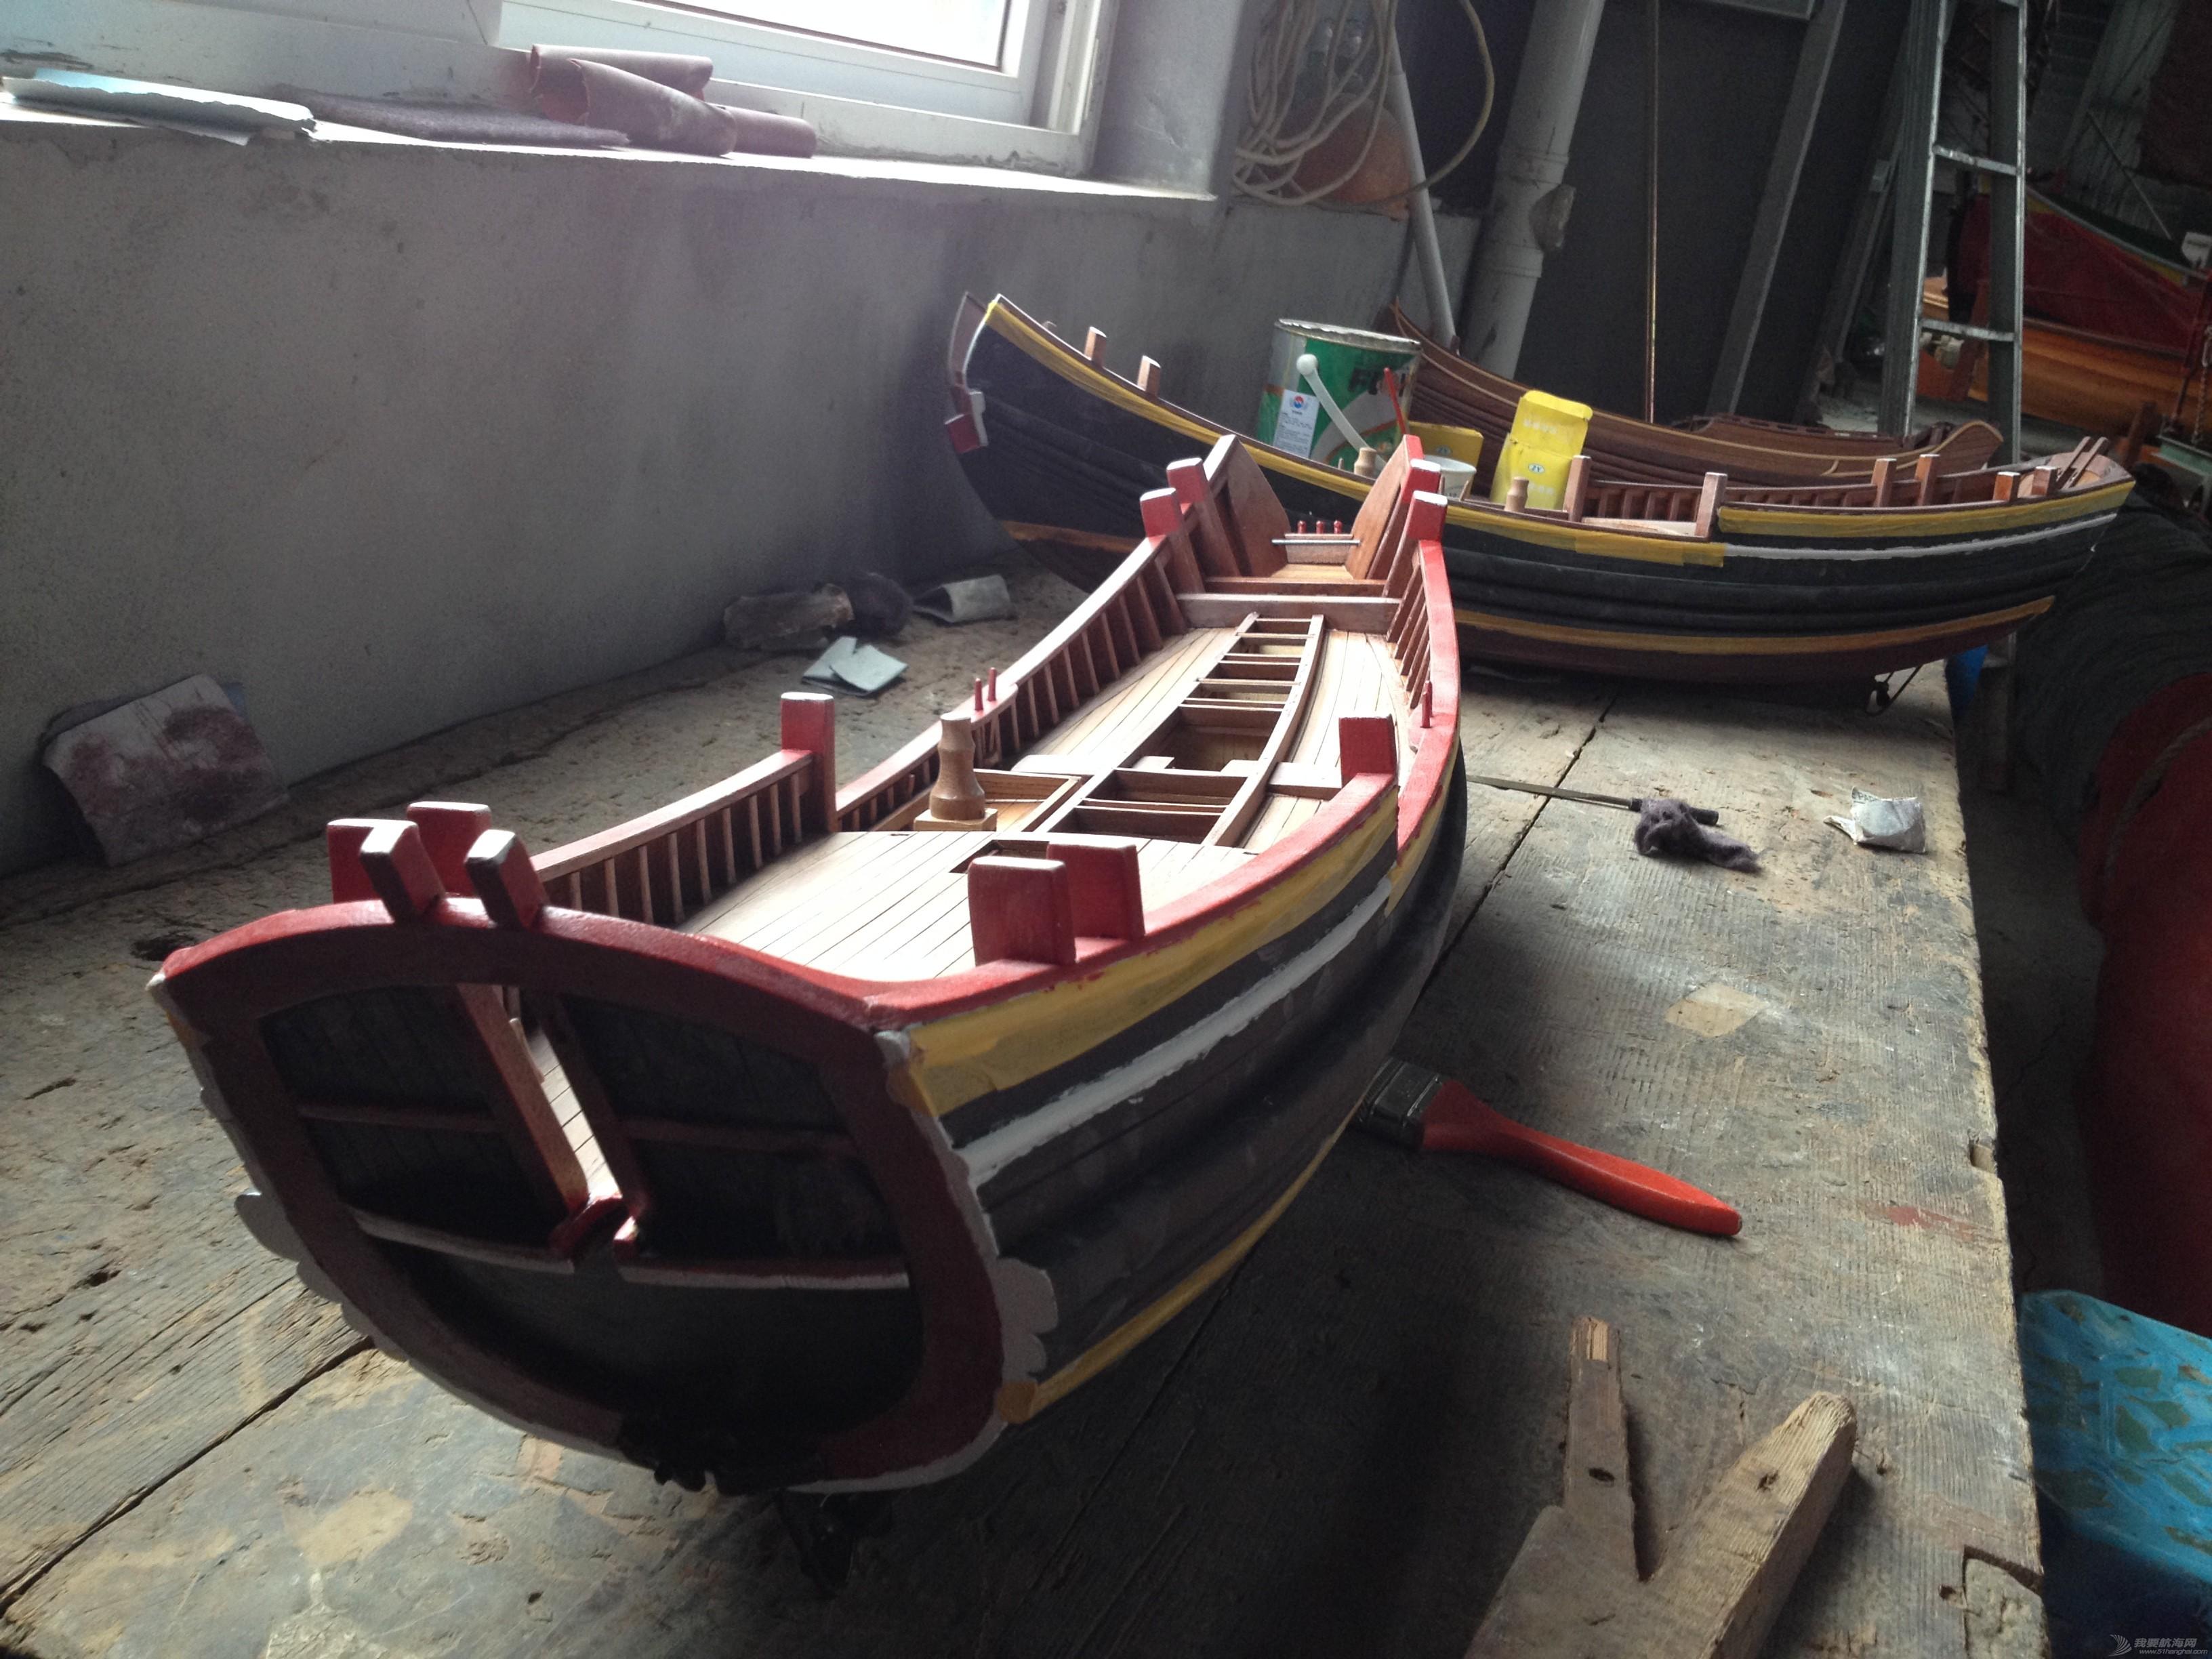 帆船运动,环游世界,董事长,普通人,海岸线 航海,是一种人生态度 IMG_7896.JPG